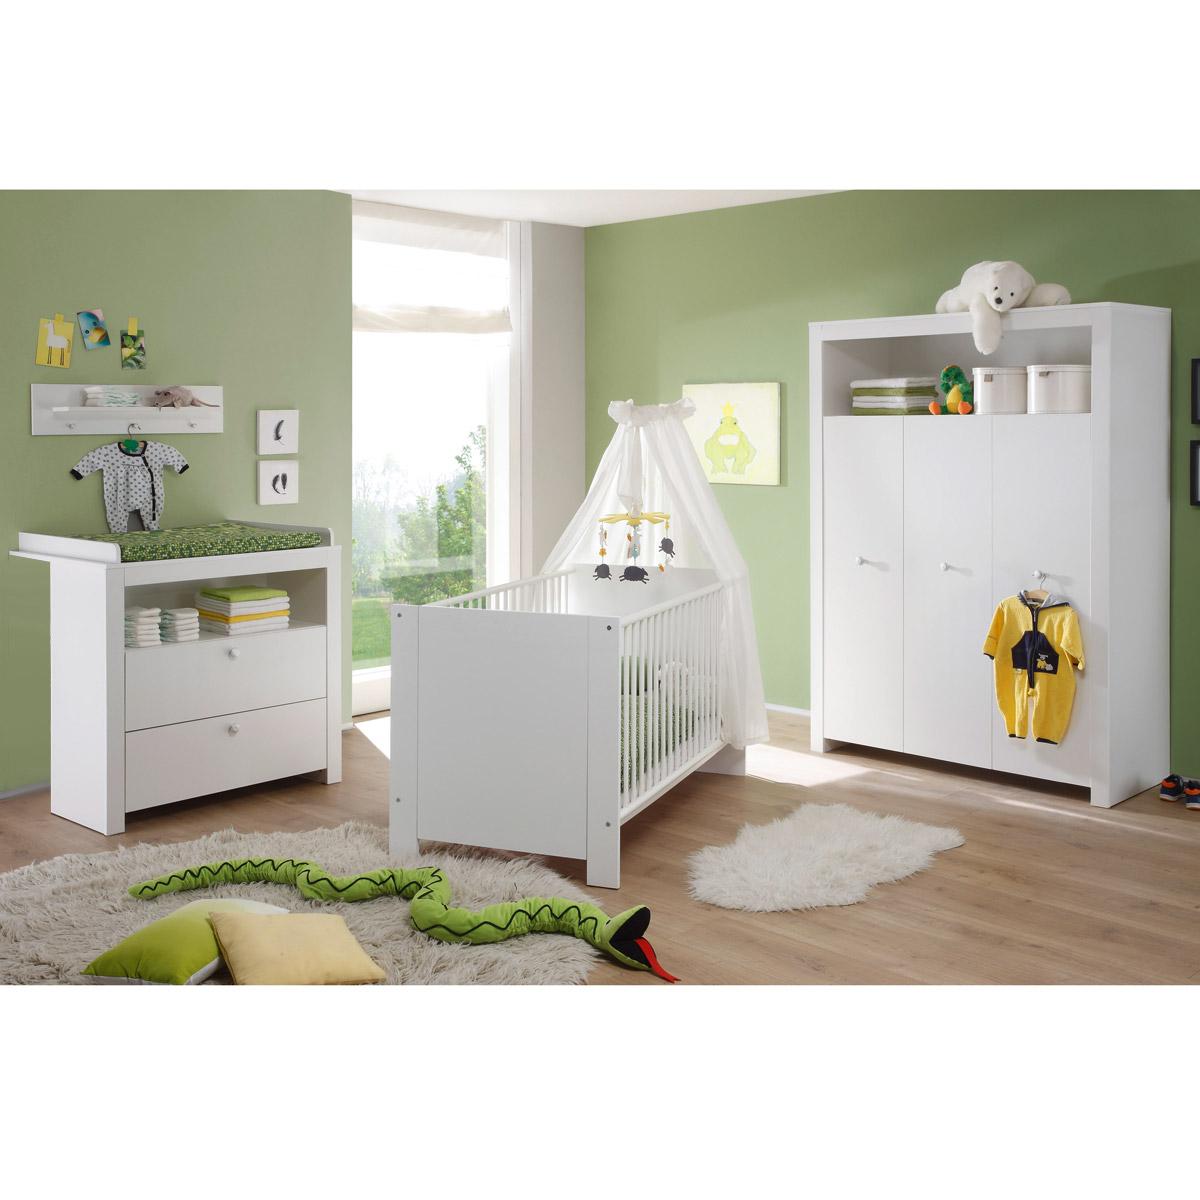 Babyzimmer Olivia Wickelkommode Babybett Kleiderschrank ... | {Kinderzimmer set 38}